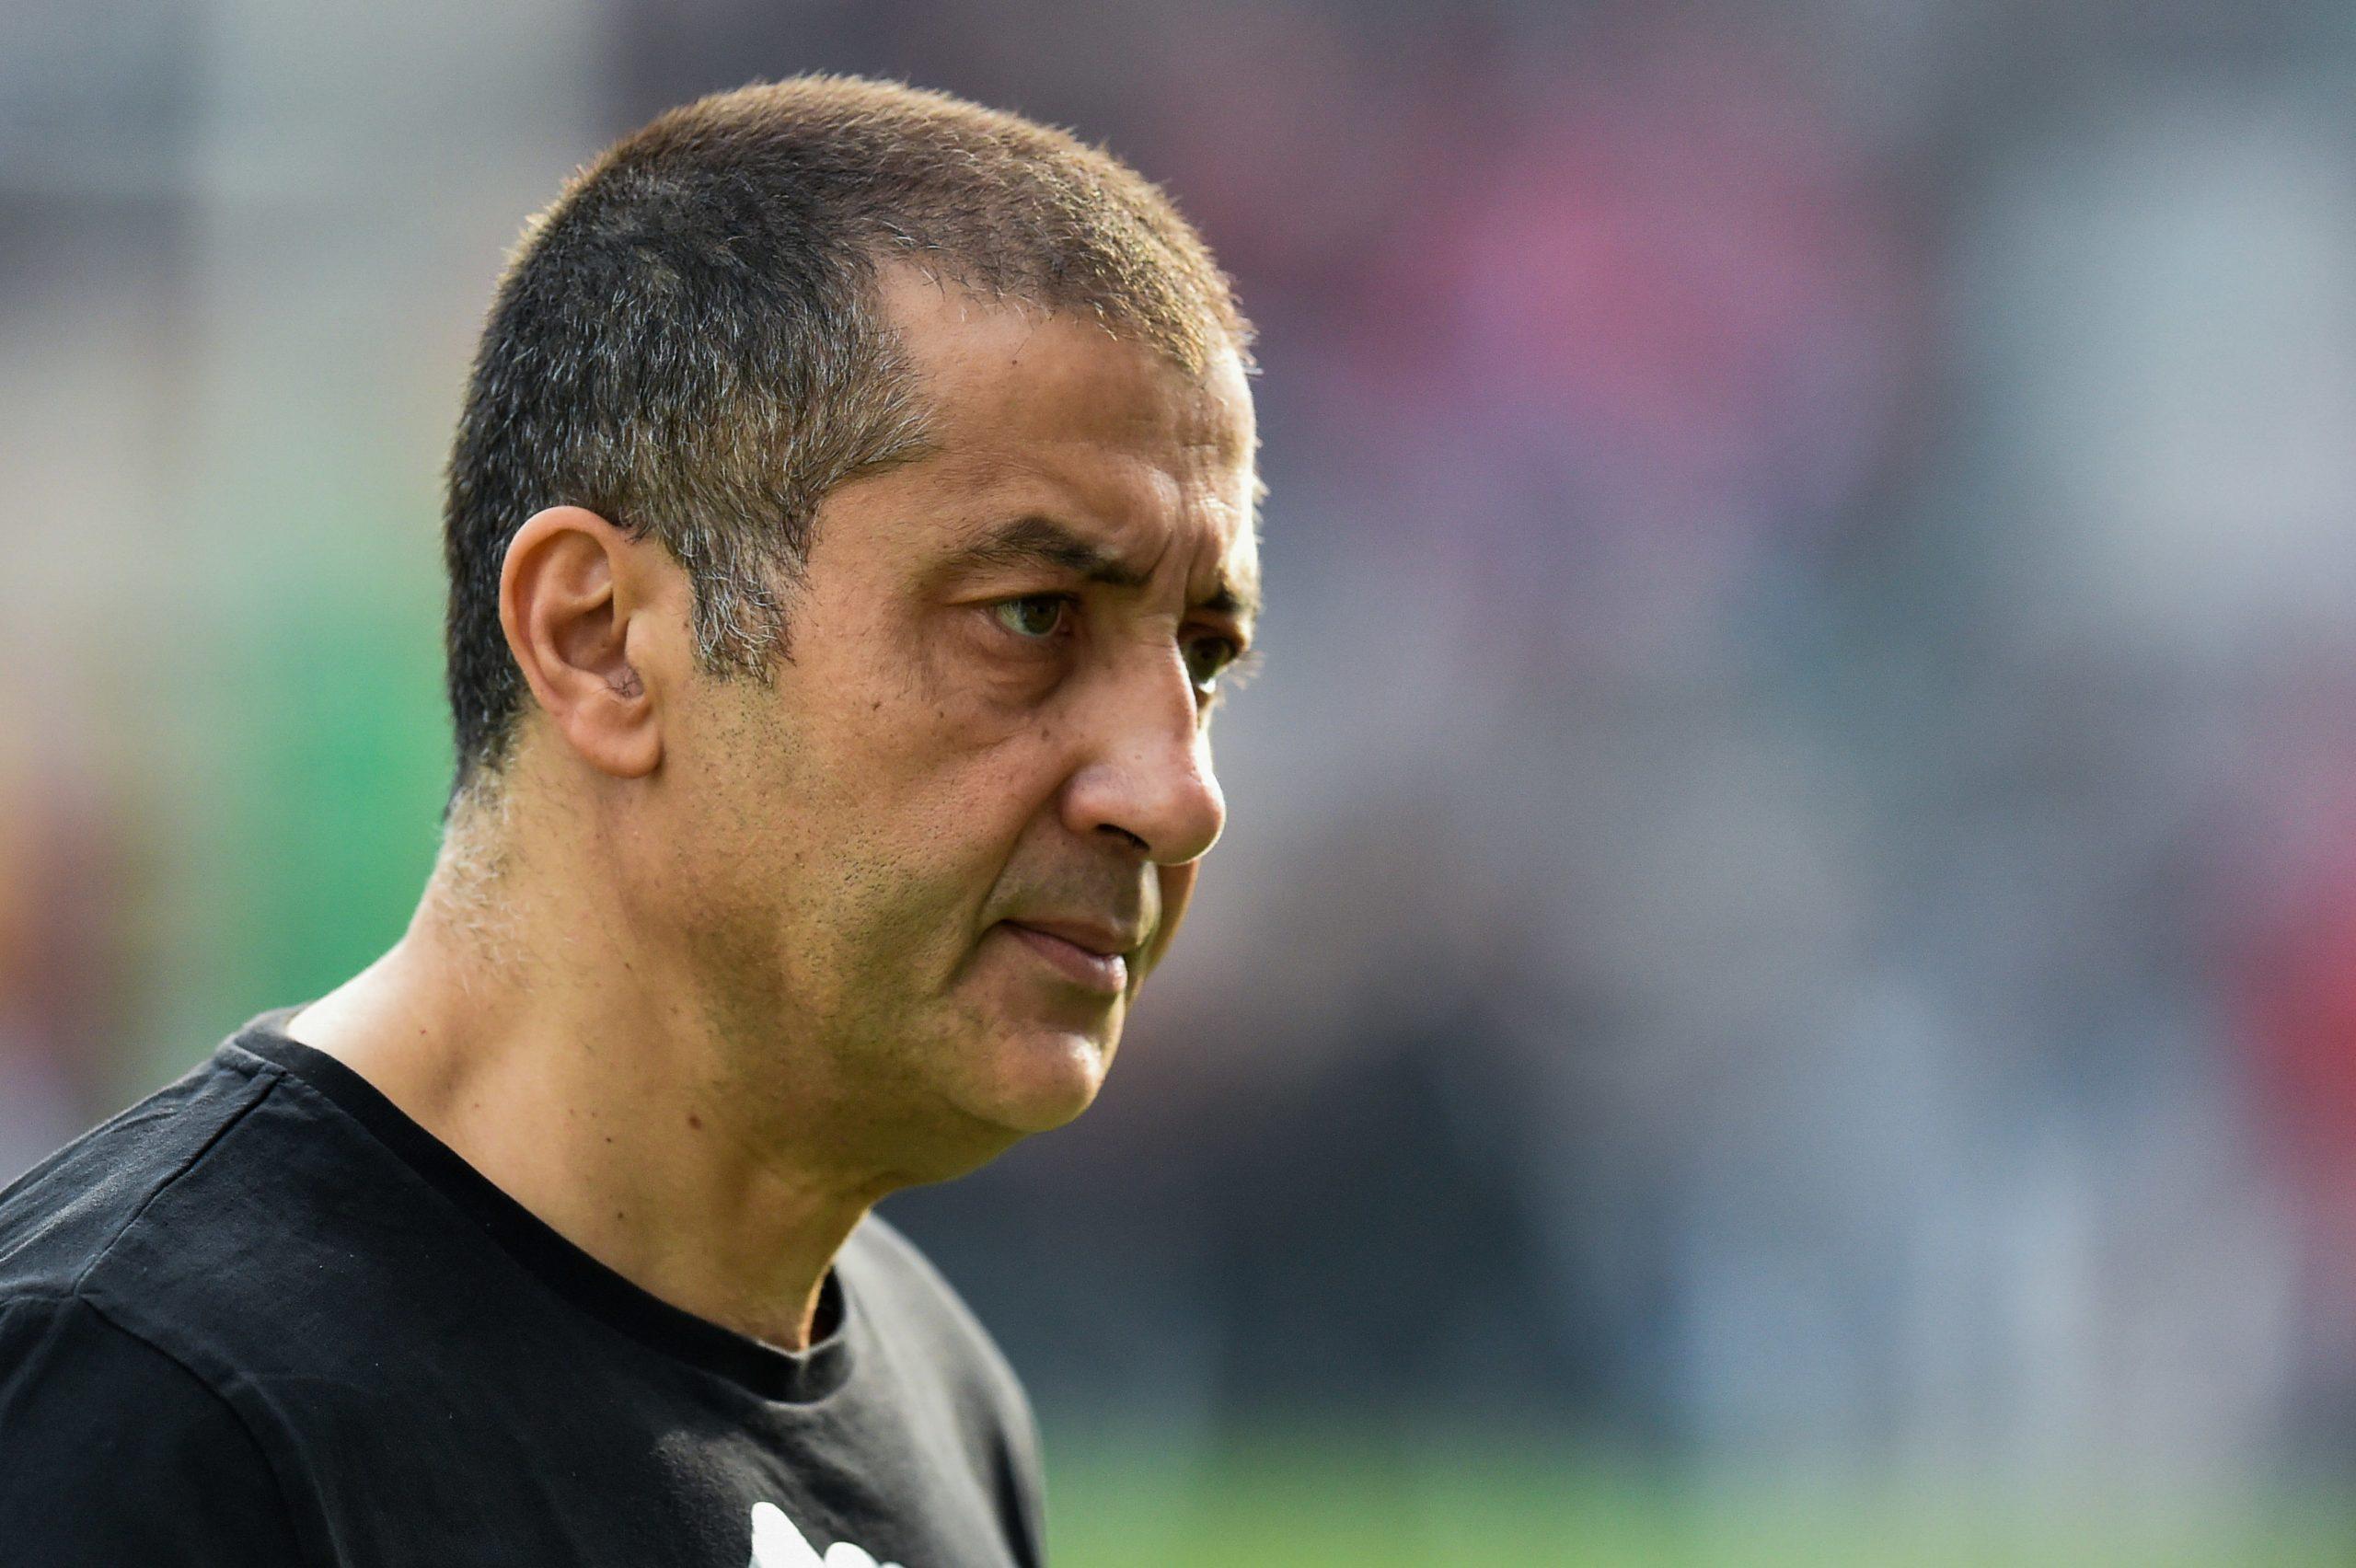 OM - Boudjellal joue double jeu, Toulon l'a en travers de la gorge